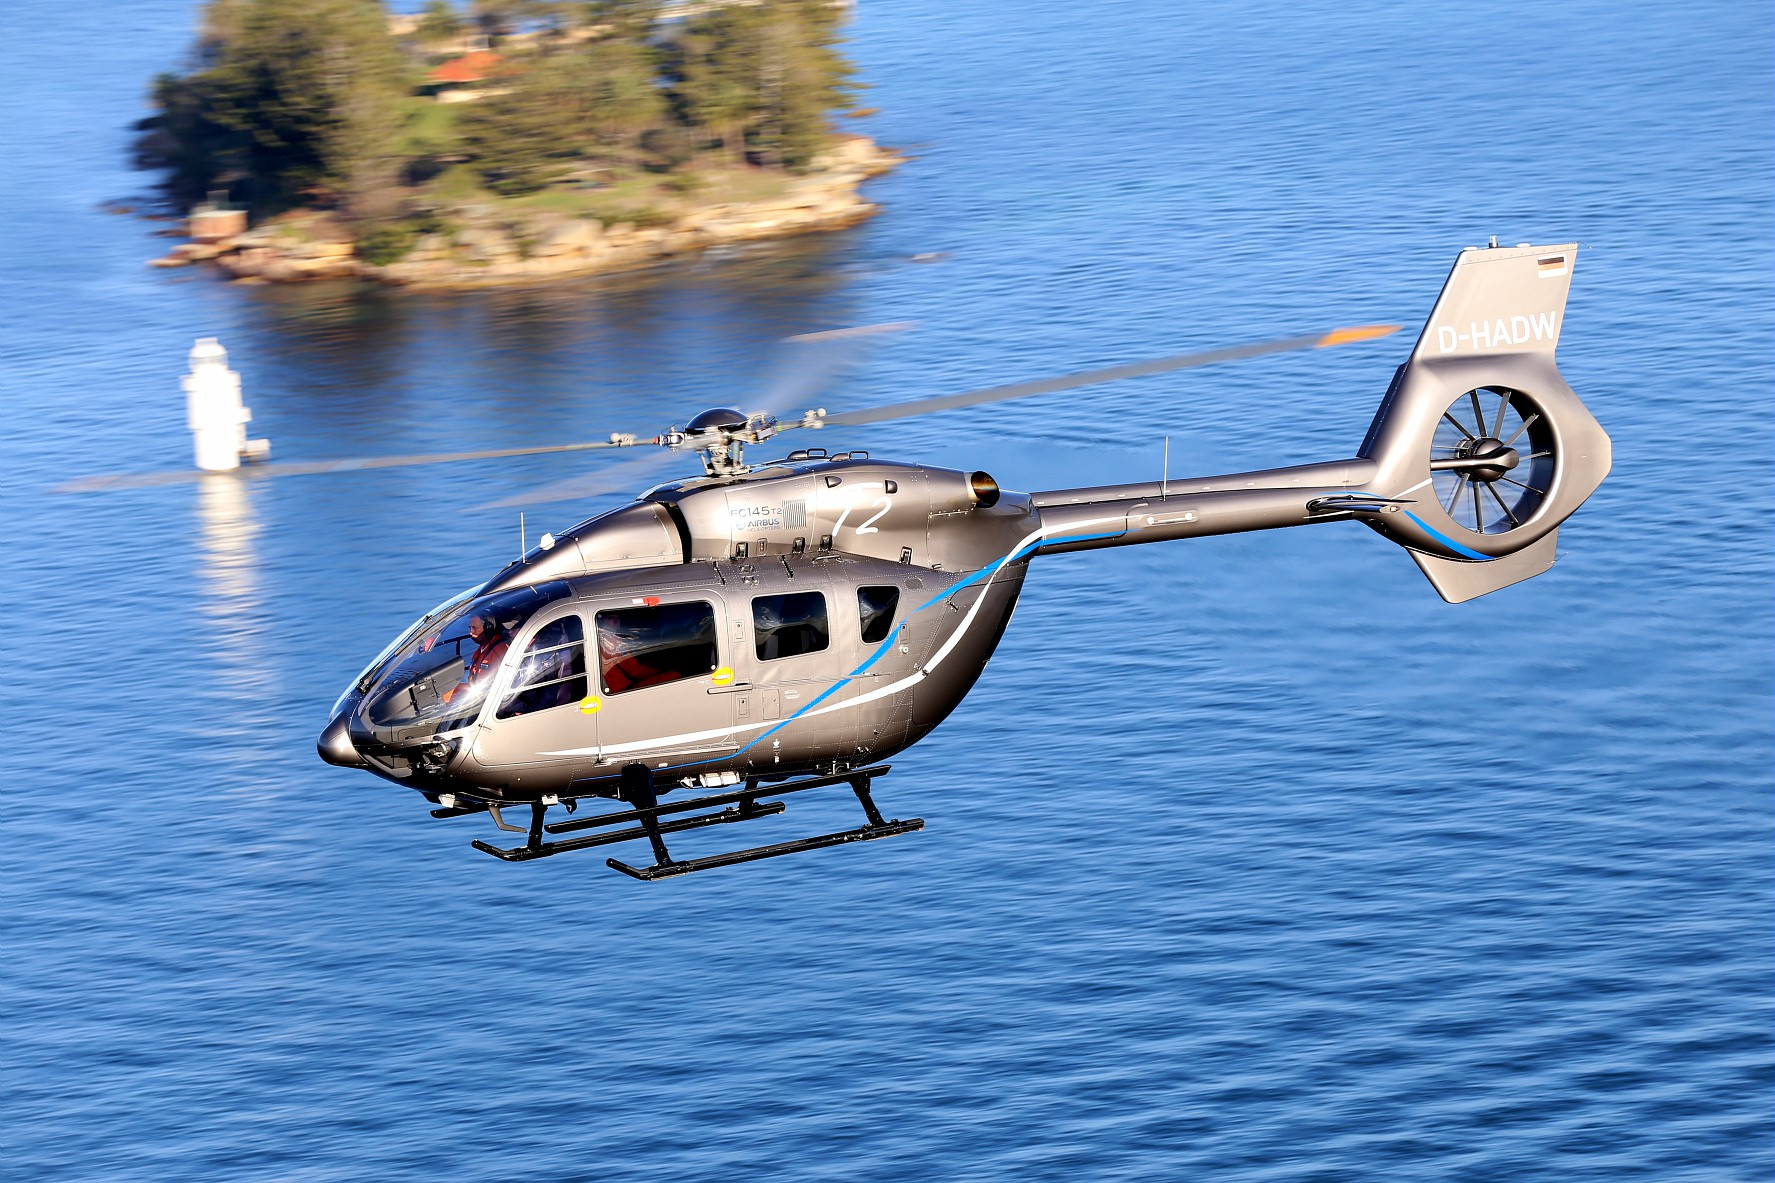 H145, il punto di riferimento dell'elisoccorso ha raggiunto le 10.000 ore di volo | Emergency Live 5